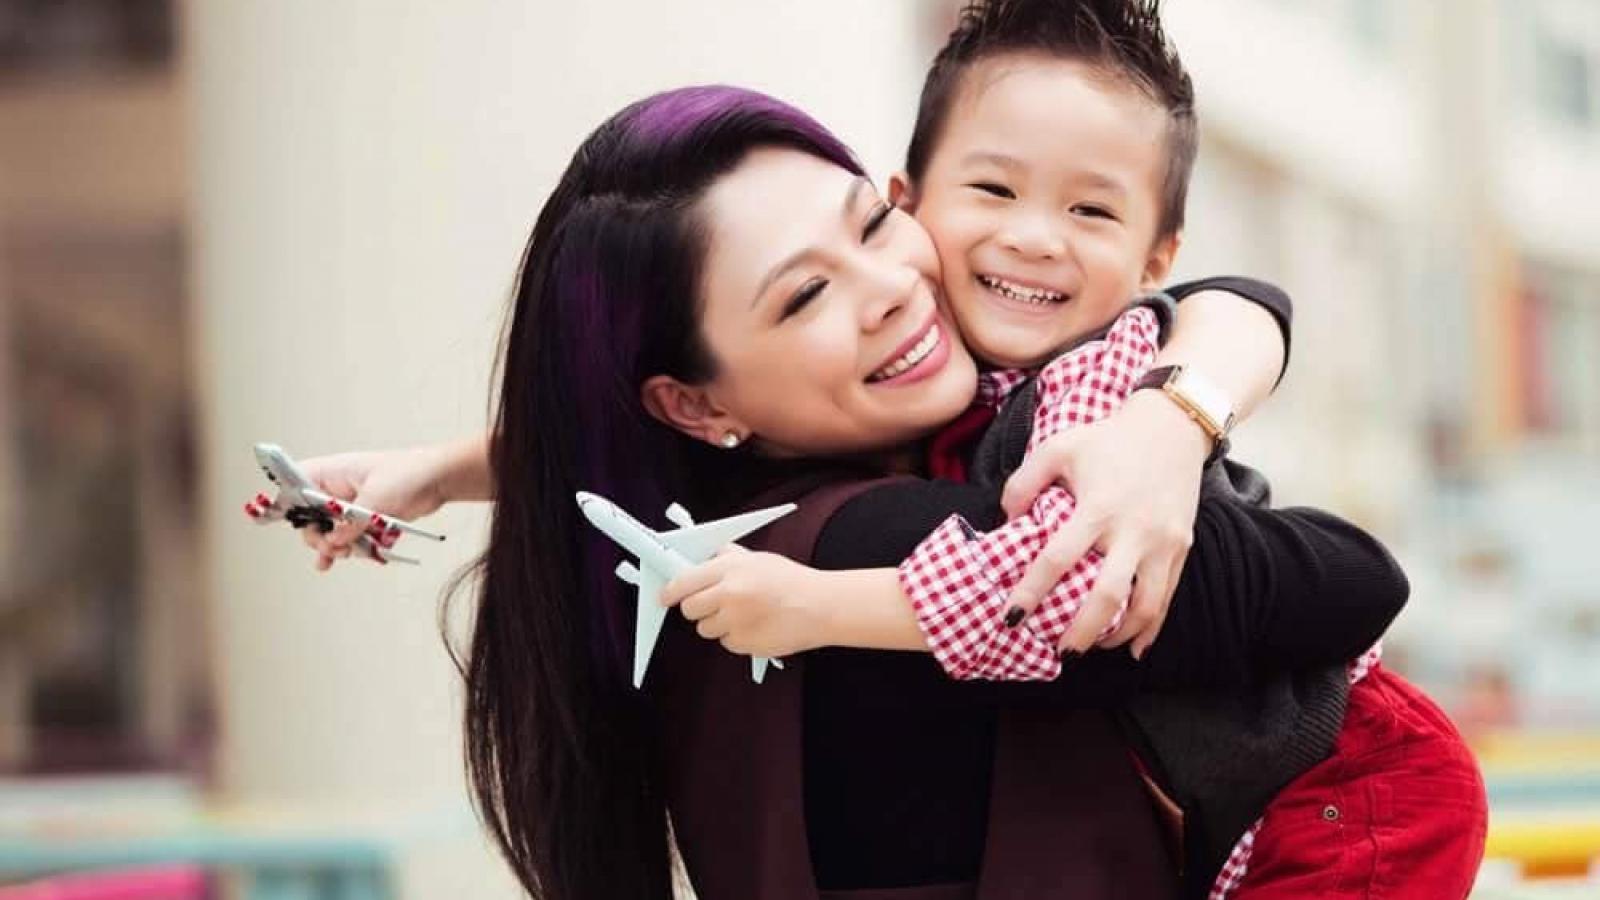 Con trai Thanh Thảo phản ứng bất ngờ khi lần đầu biết sự thật về bố Ngô Kiến Huy